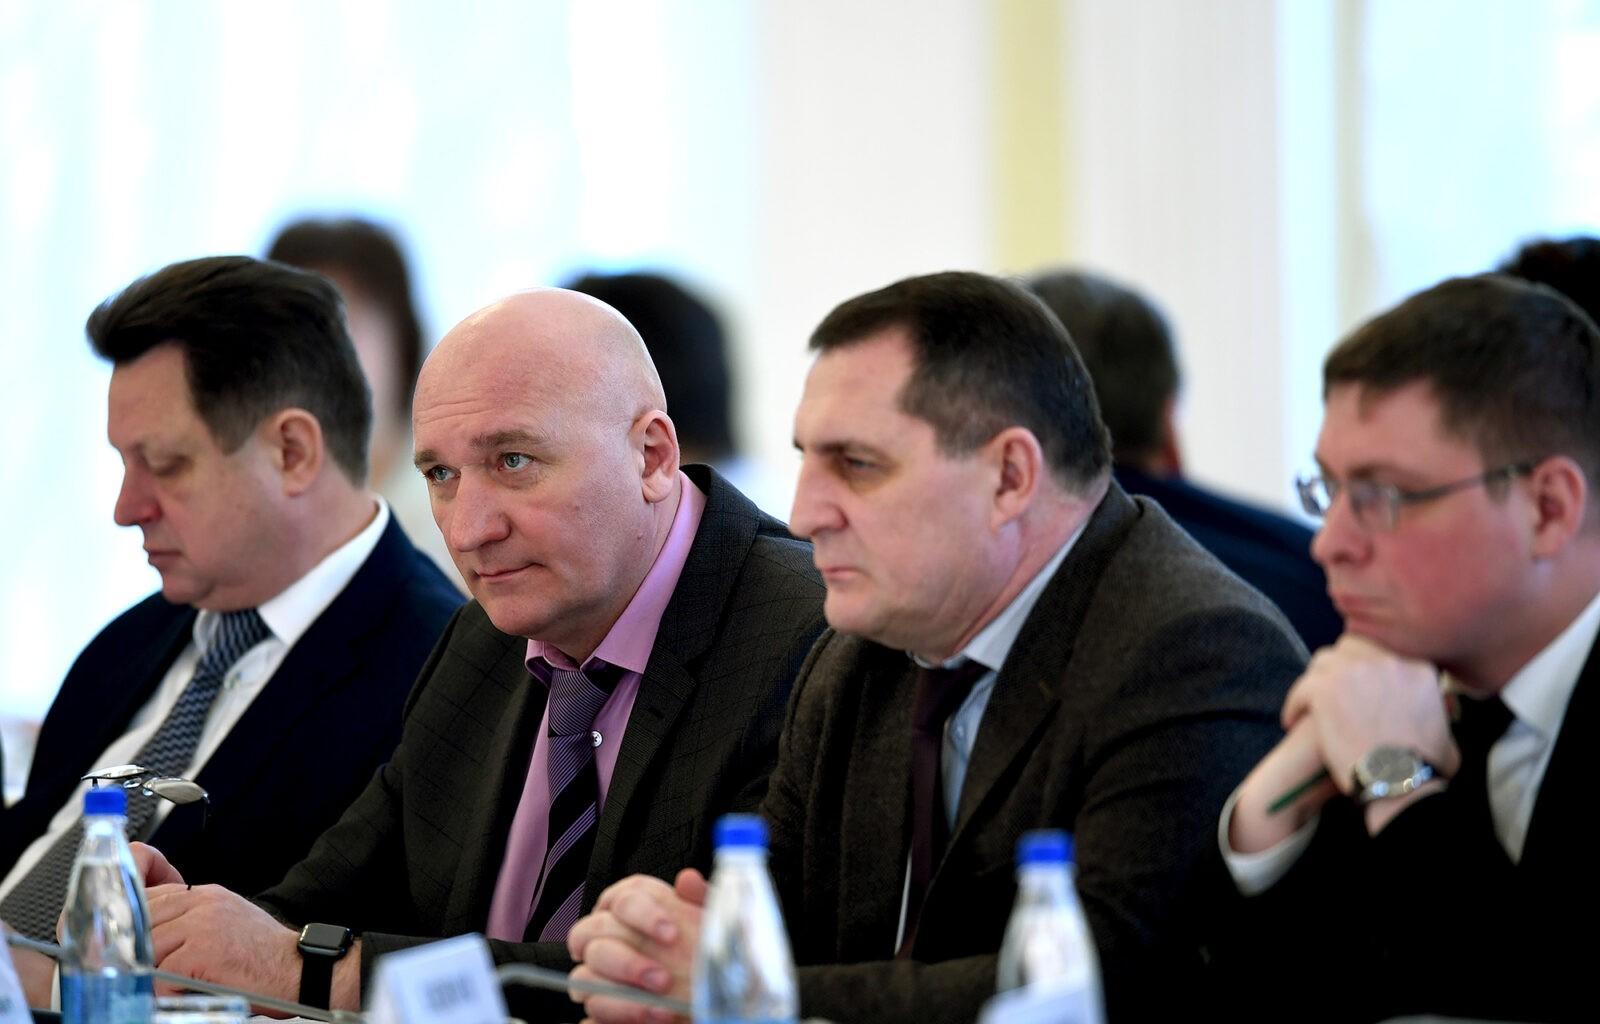 Оценивать профессионализм чиновников будут по итогам реализации адресной инвестпрограммы